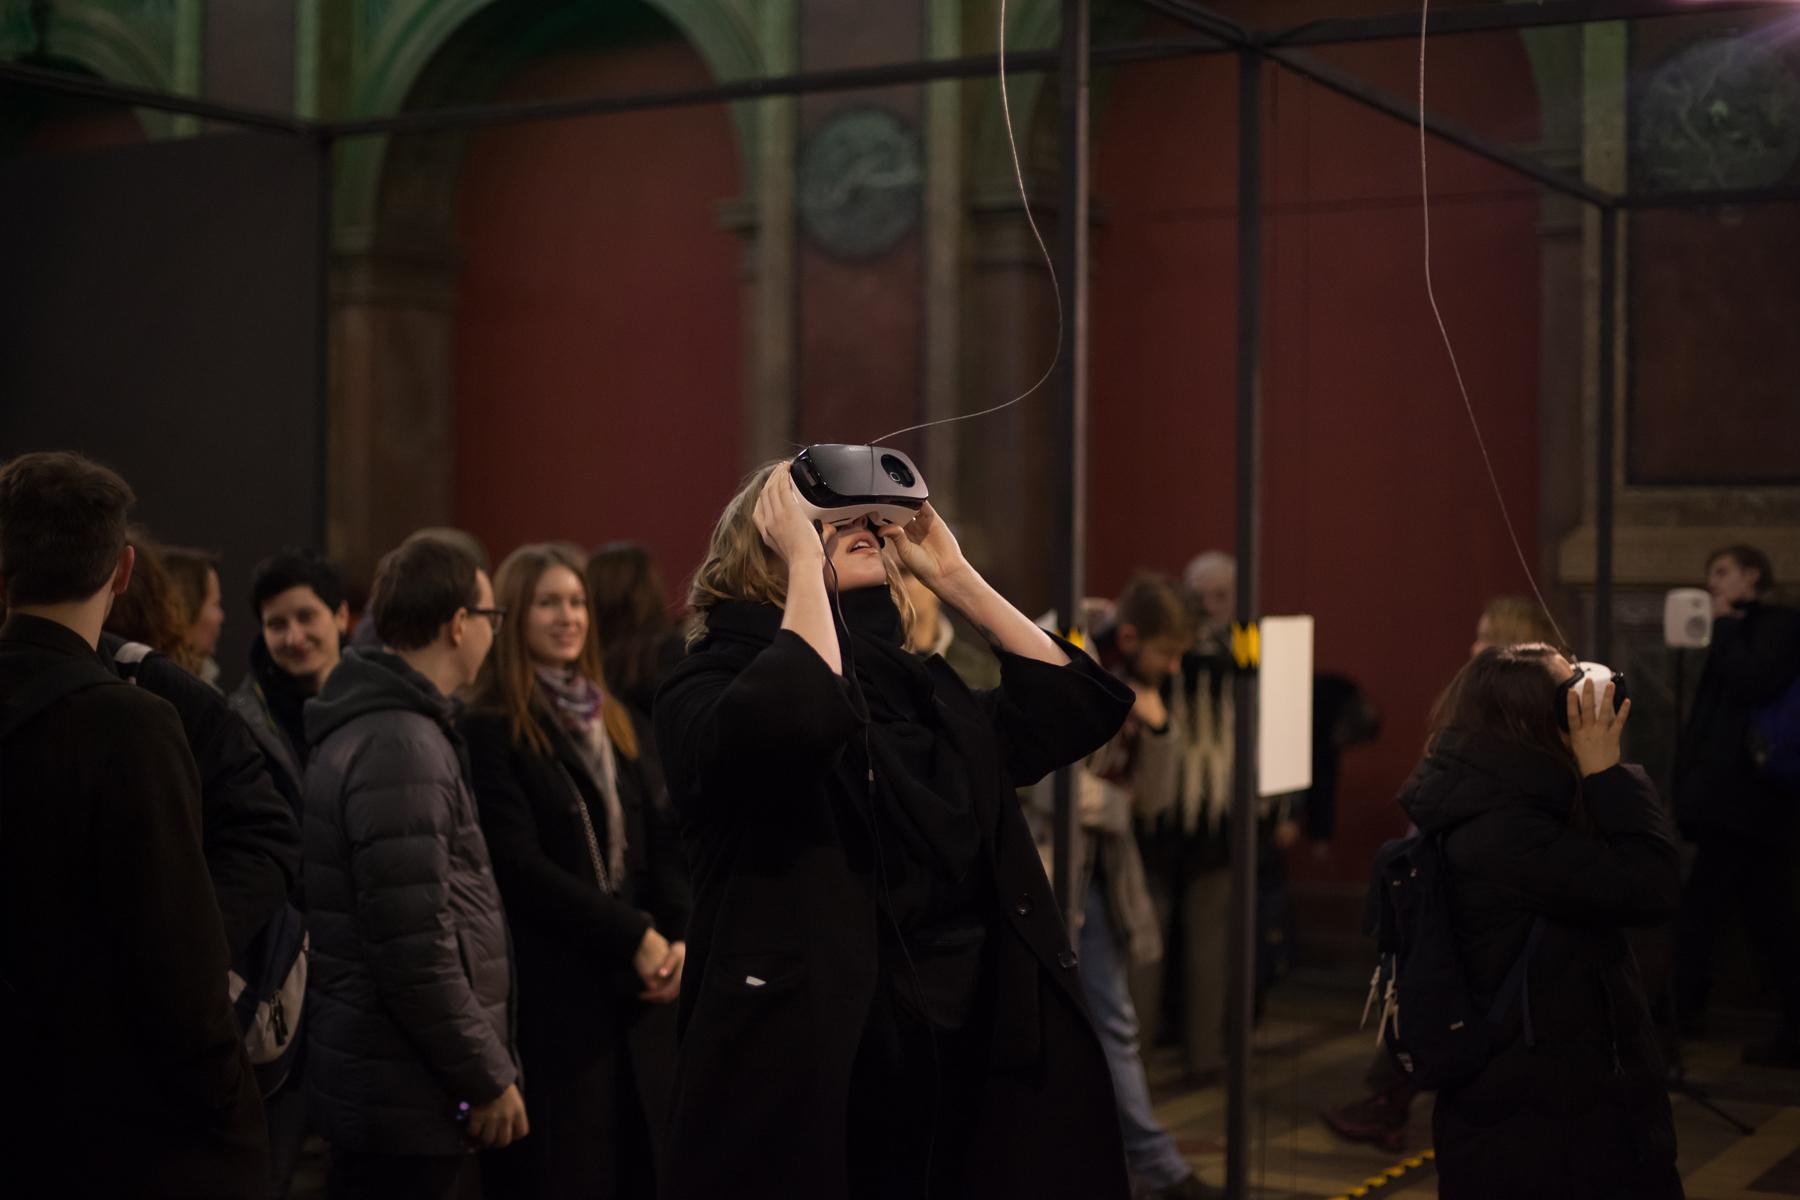 021_Festival opening Stieglitz Academy (Photo by Yuri Goryanoy)_14